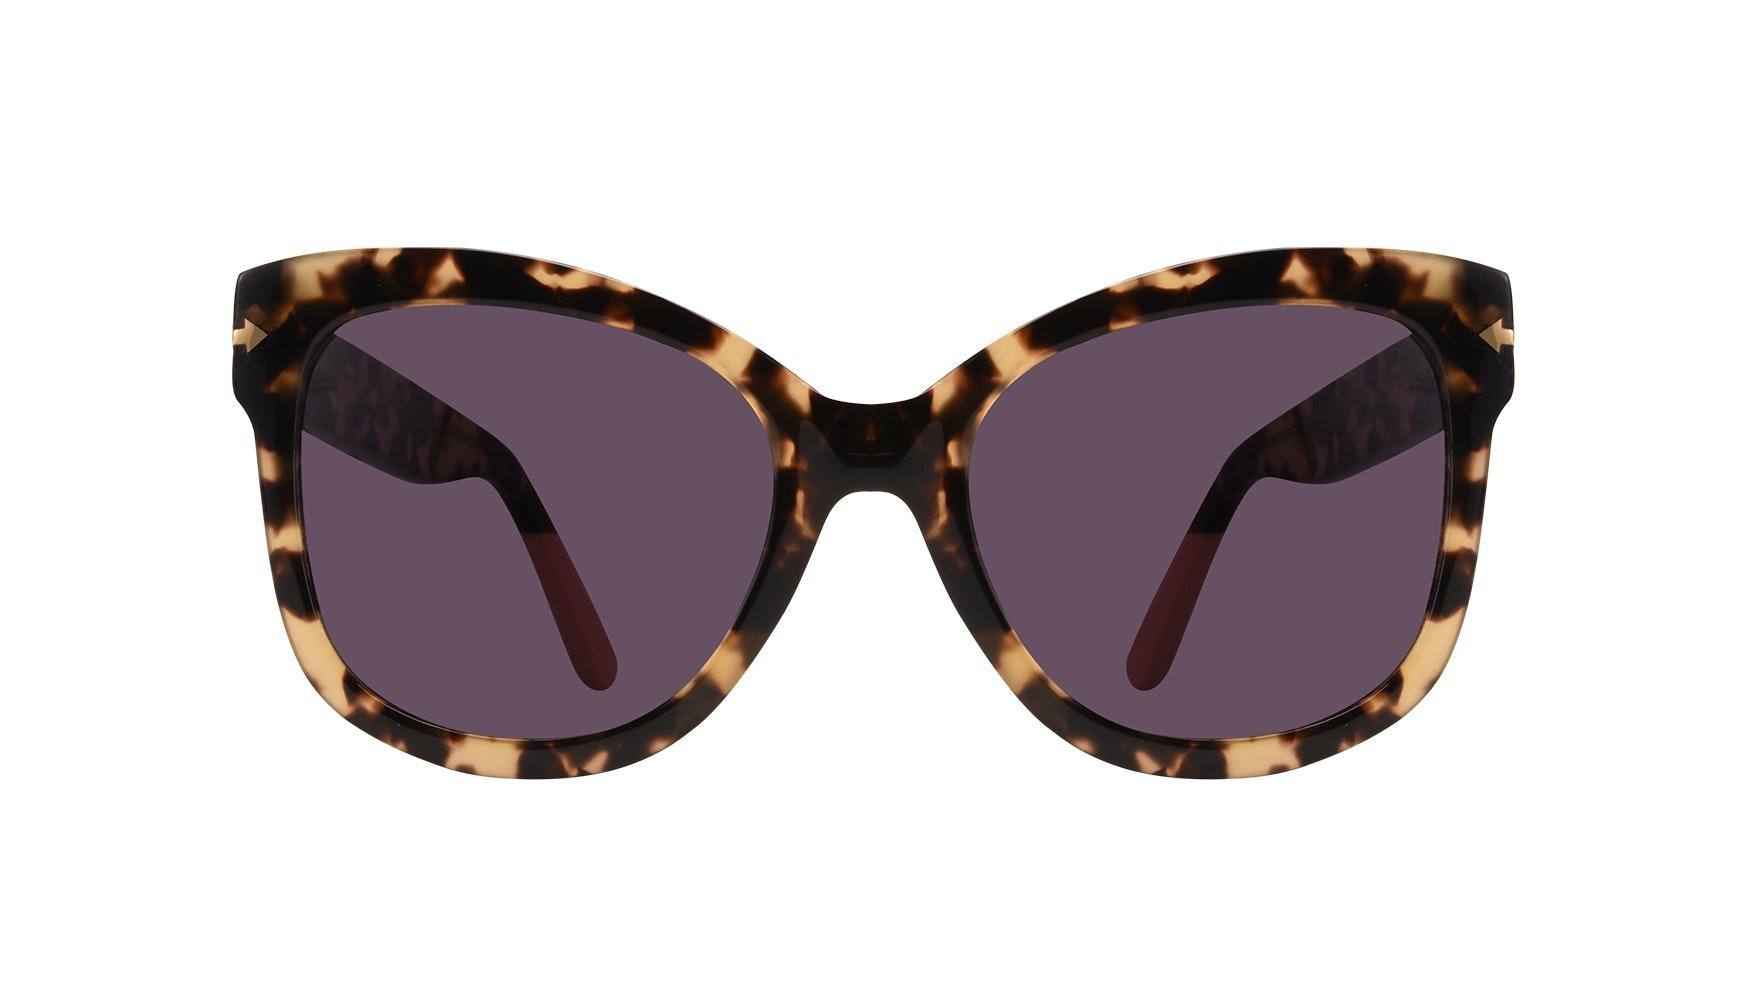 Lunettes tendance Oeil de chat Carrée Lunettes solaires Femmes Marlo Espresso